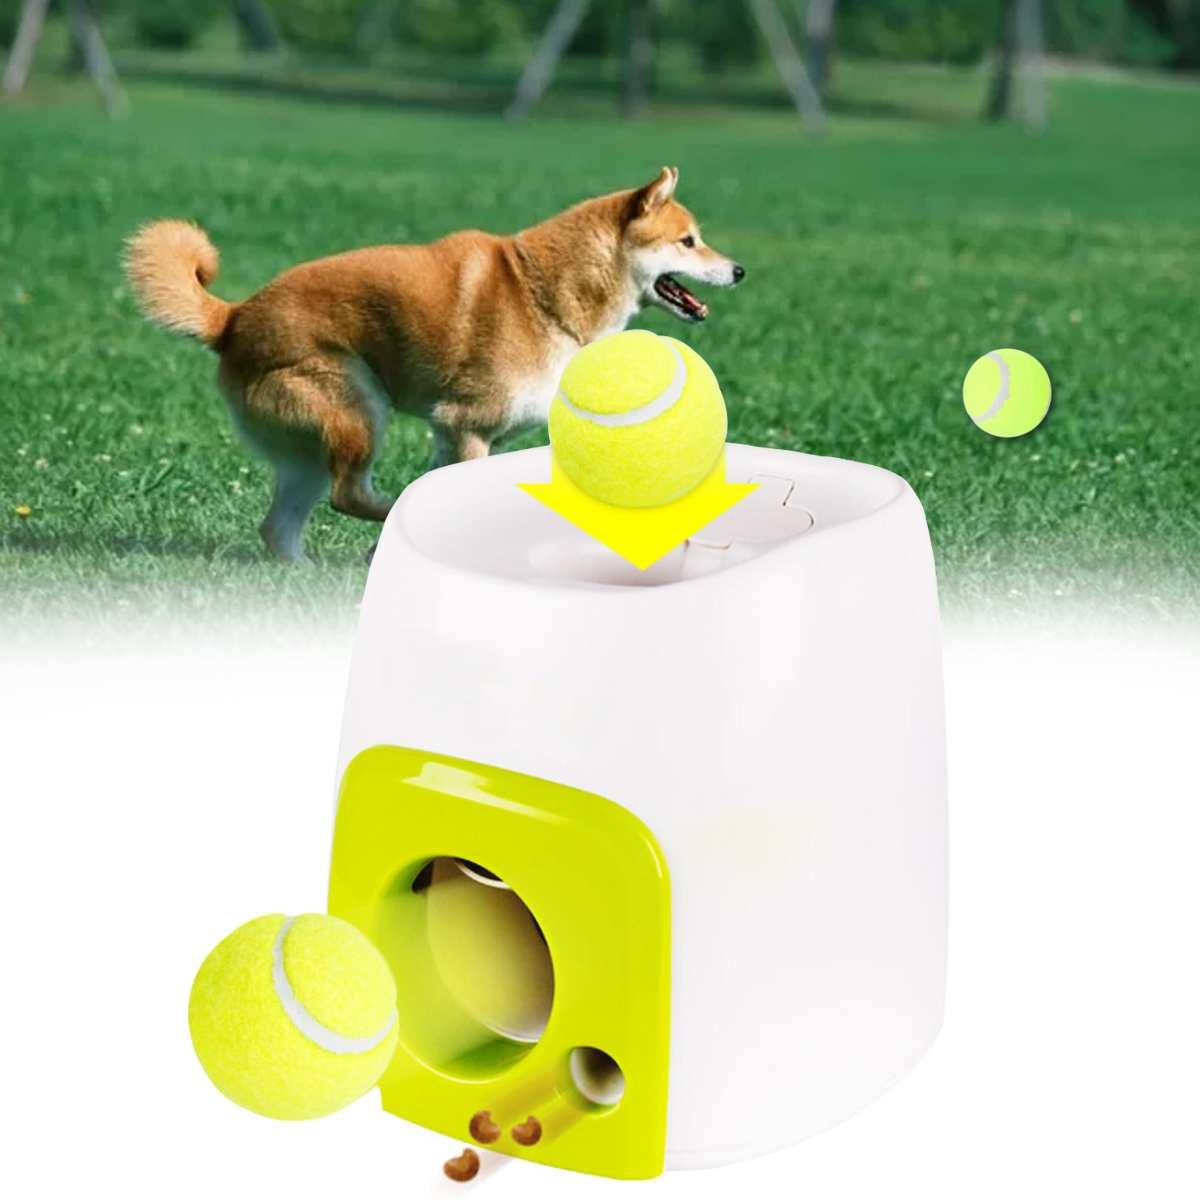 20x19x15 cm balle de Tennis Machine coulissante chien chat animal de compagnie balle de Tennis jouer jouet maison jardin chien chat animal de compagnie balle de Tennis dispositif coulissant nouveau